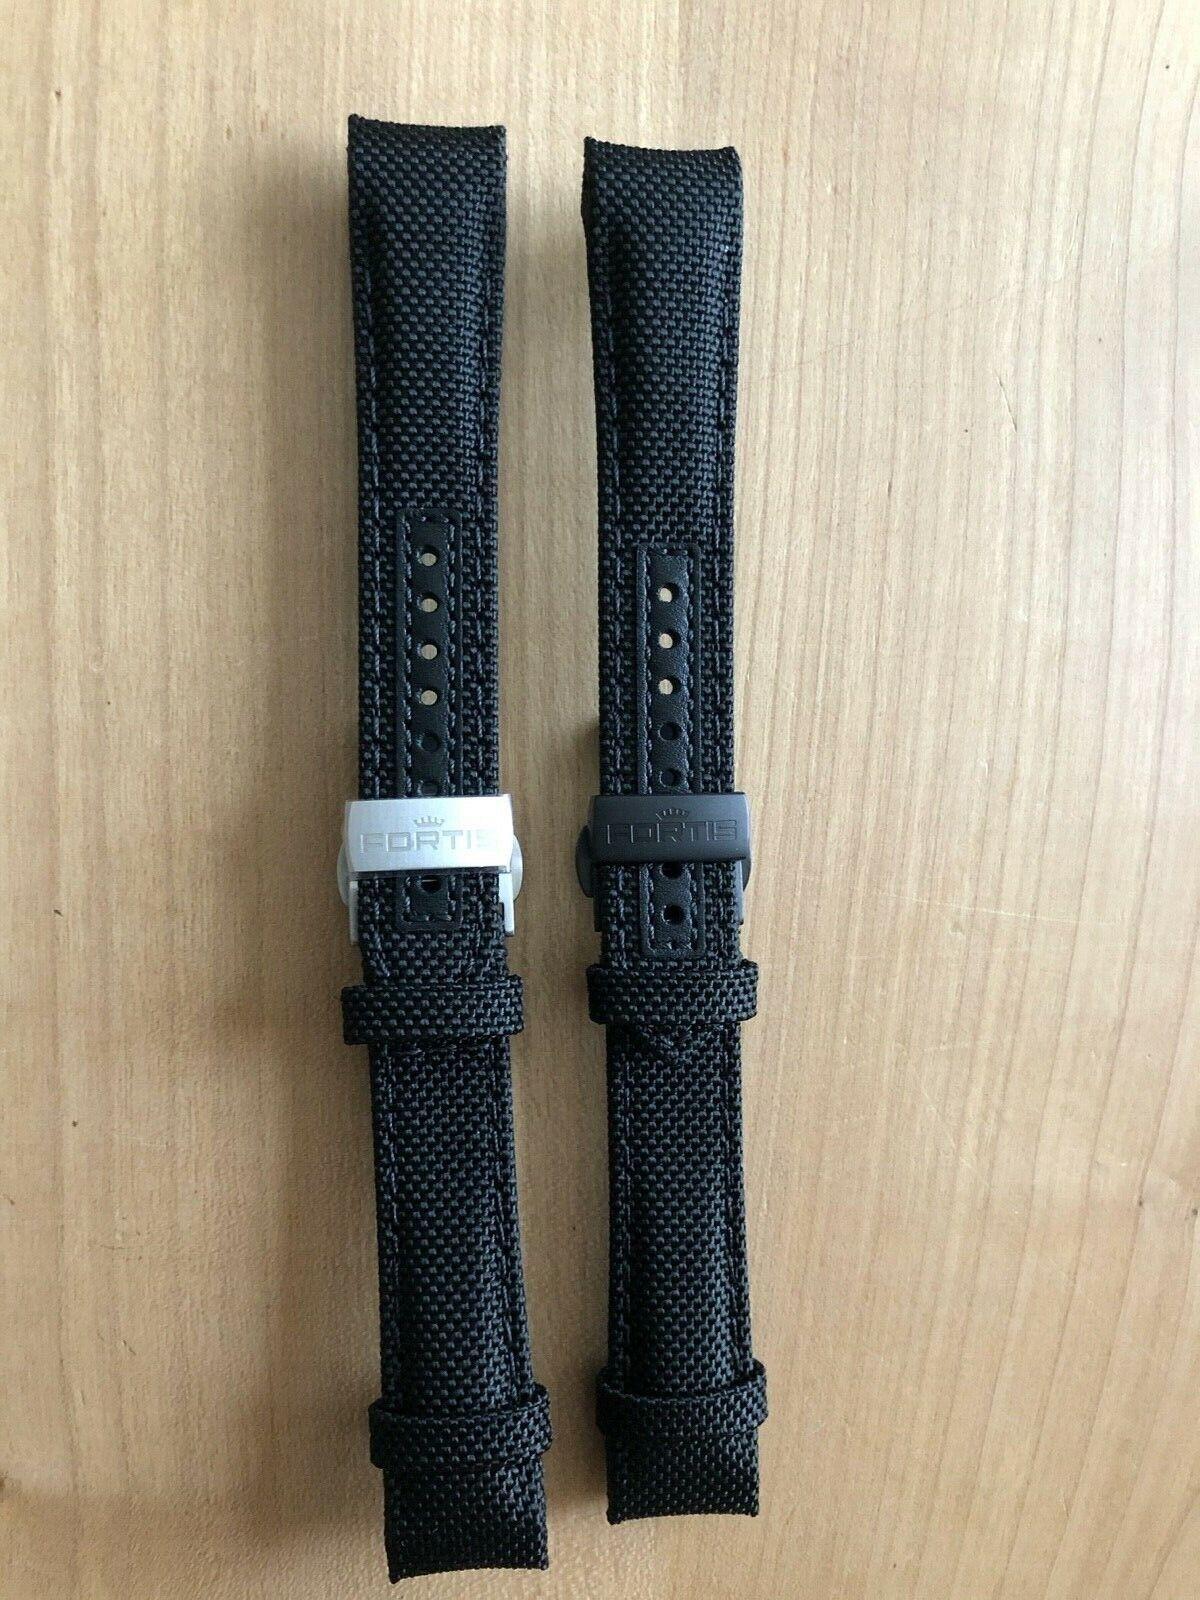 FORTIS Cordura Armband mit Faltschließe für B-42 und F-43 Modelle NEU!!!!